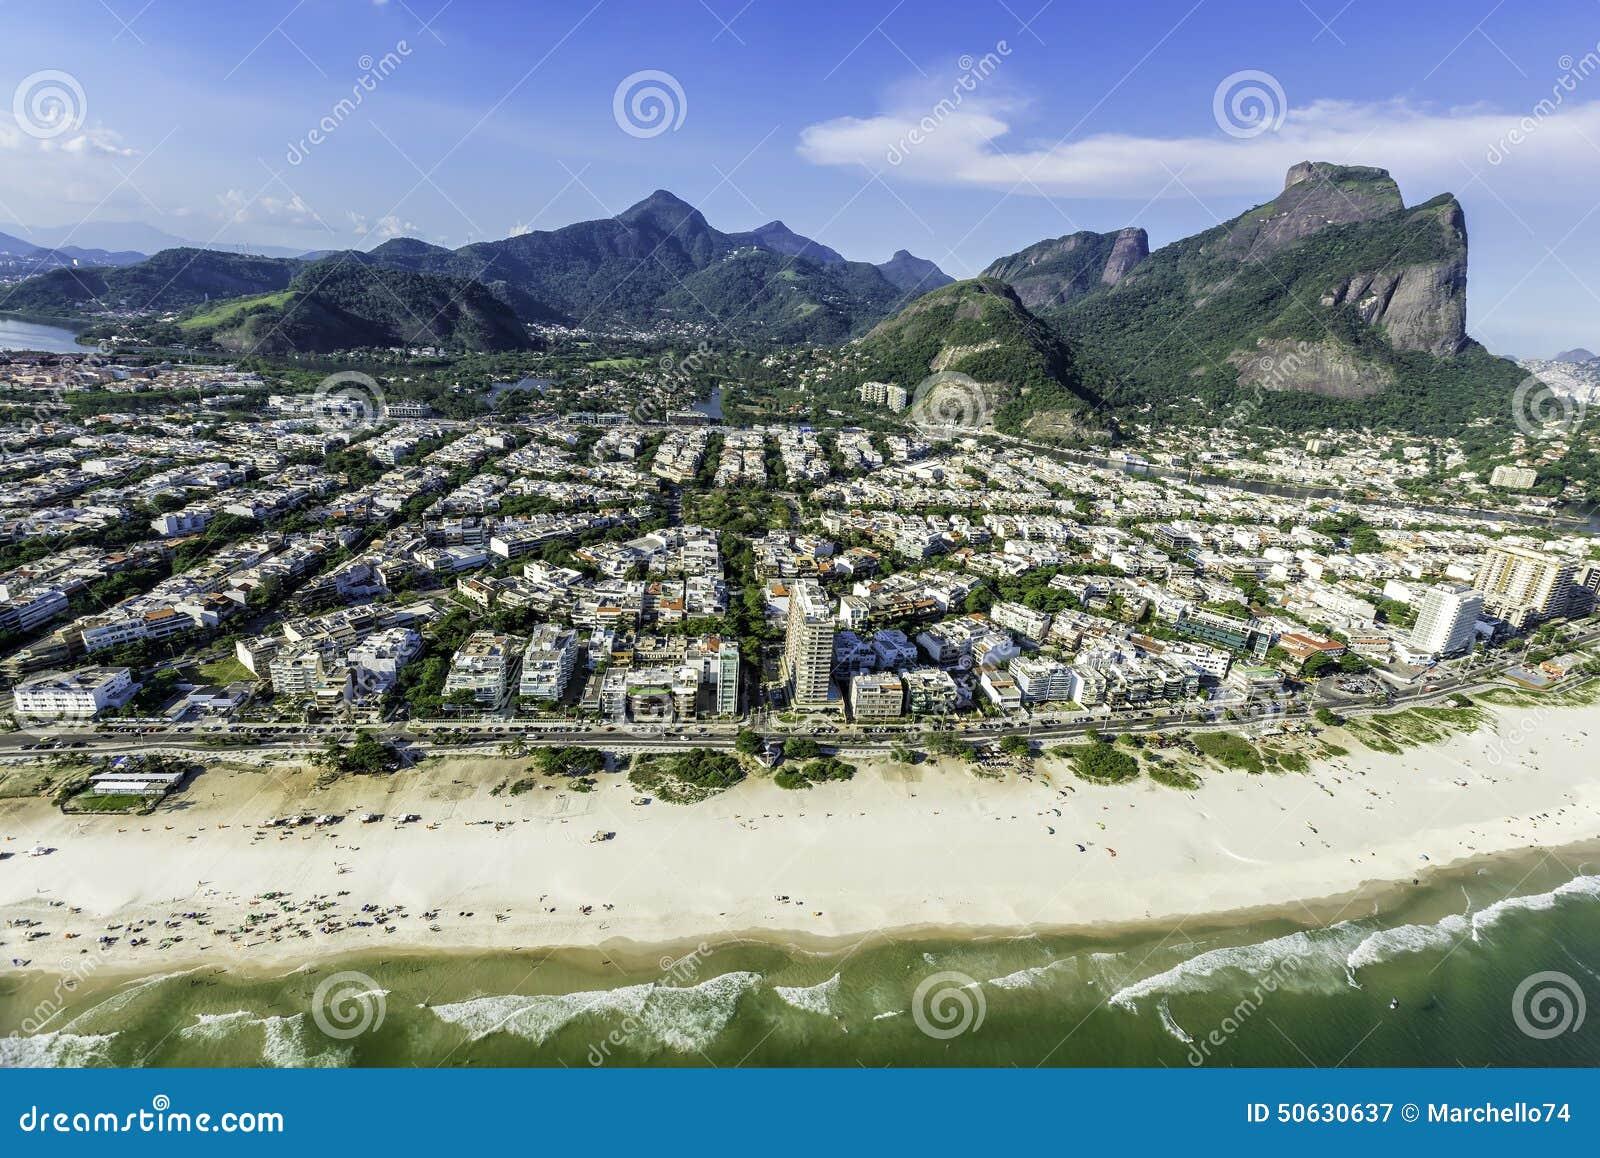 Aerial view of Rio De Janeiro s Barra Da Tijuca beachfront